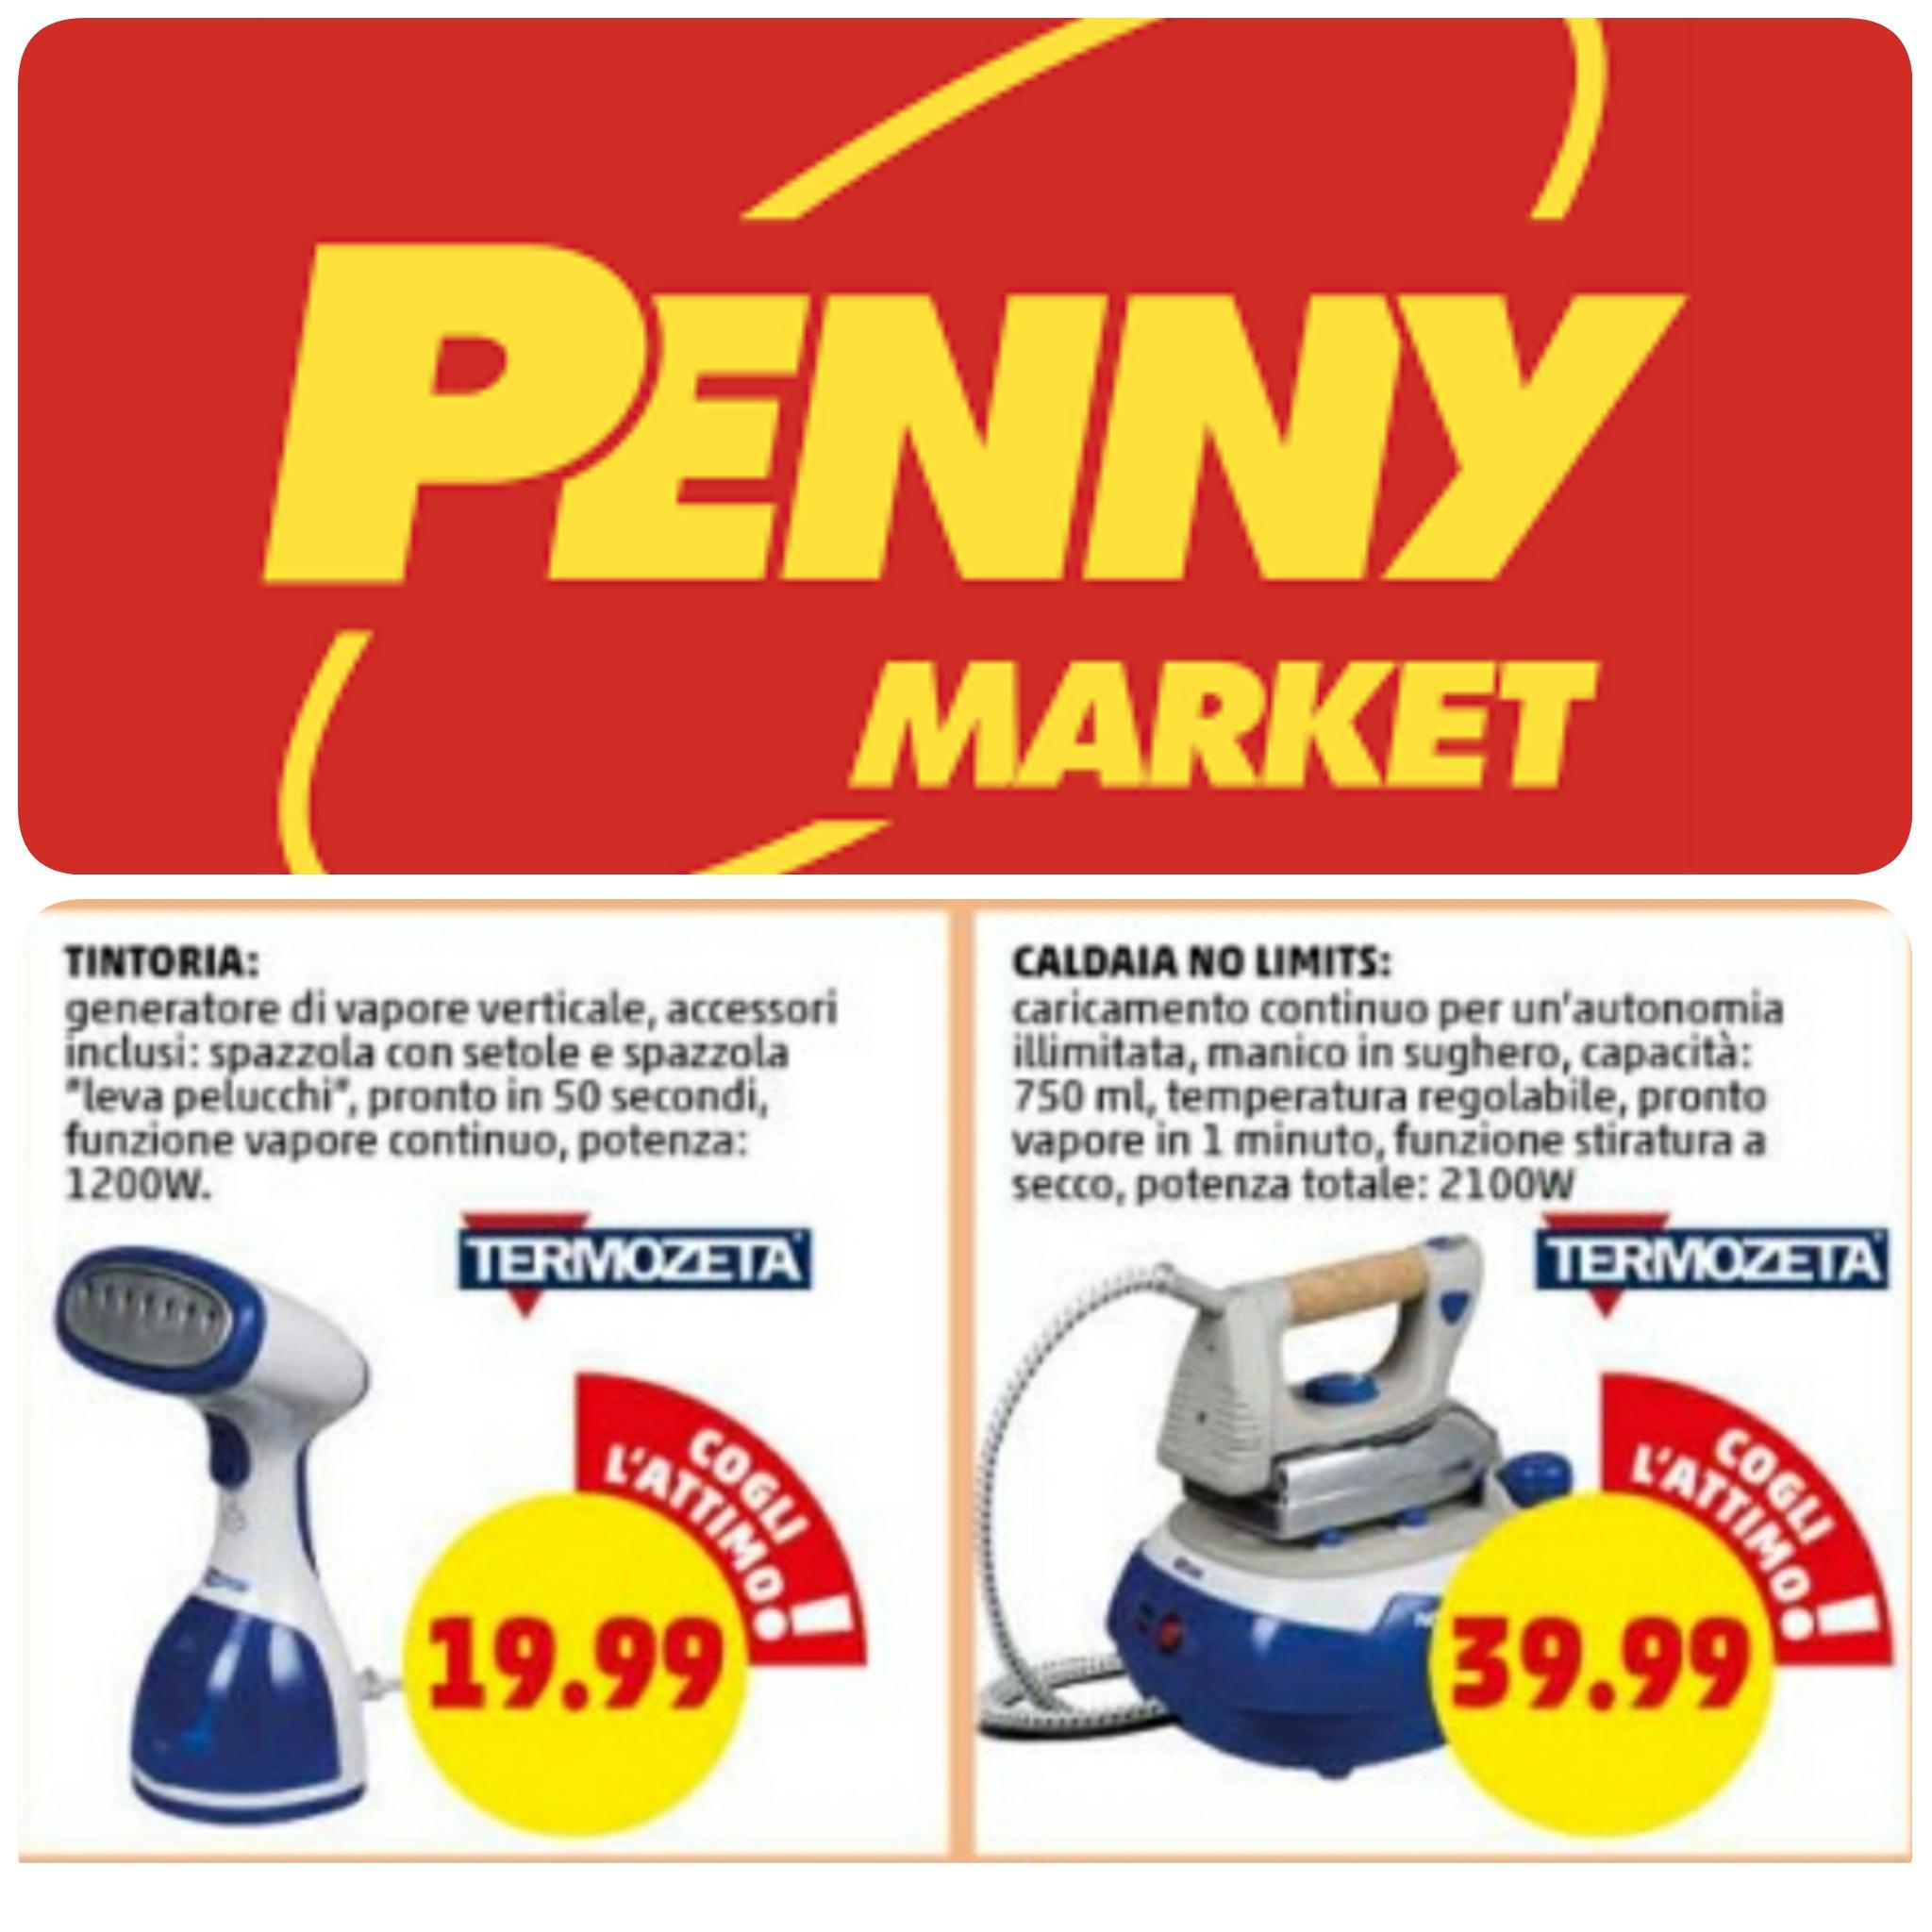 Penny Market - Ferri da Stiro: Tintoria Express e Caldaia No Limits